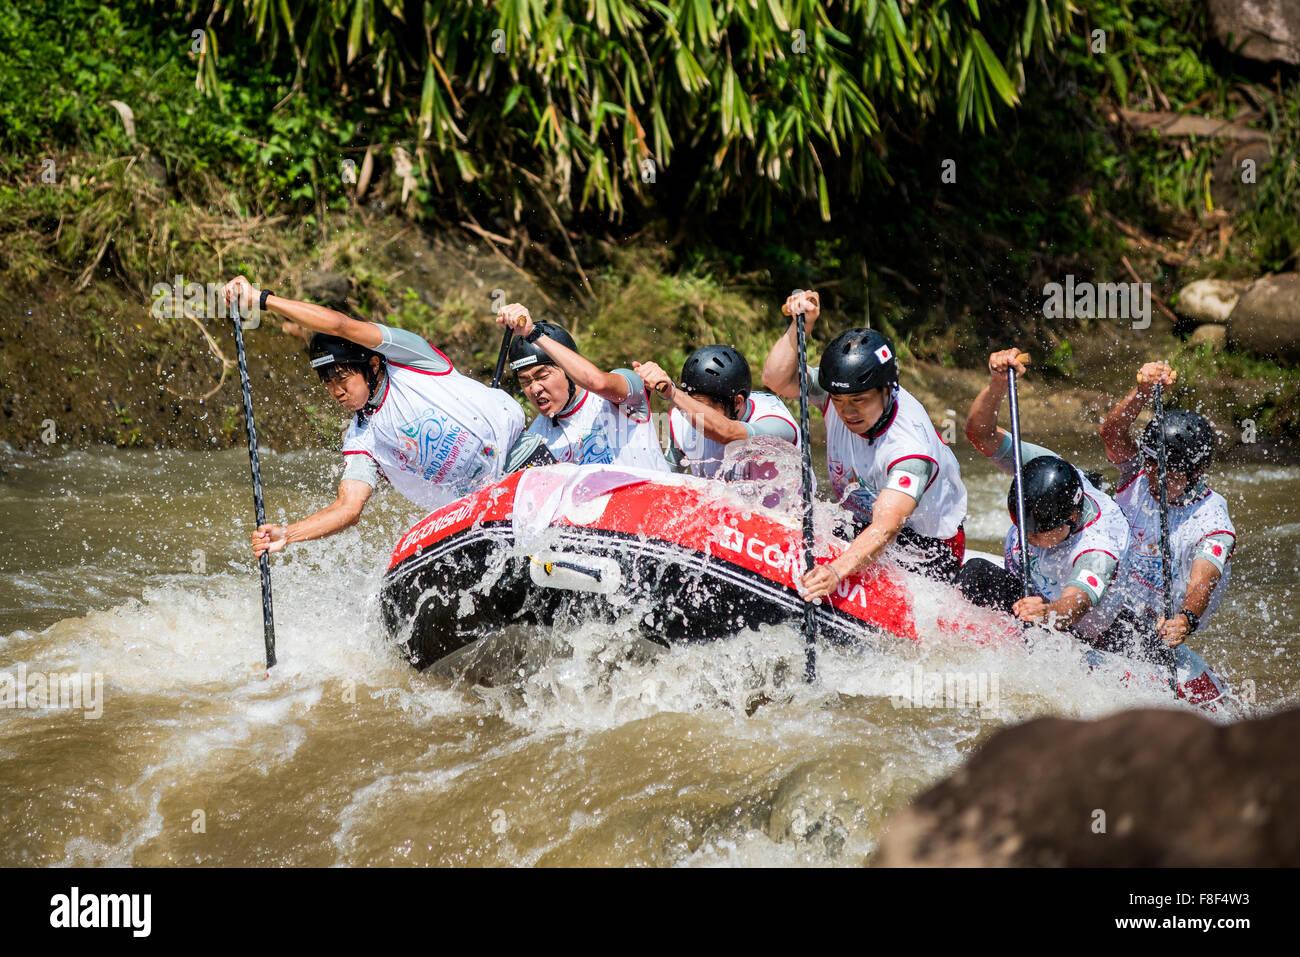 Japan-U23 Herrenmannschaft in Aktion in der Kategorie Sprint Race während Rafting-WM 2015. Stockbild